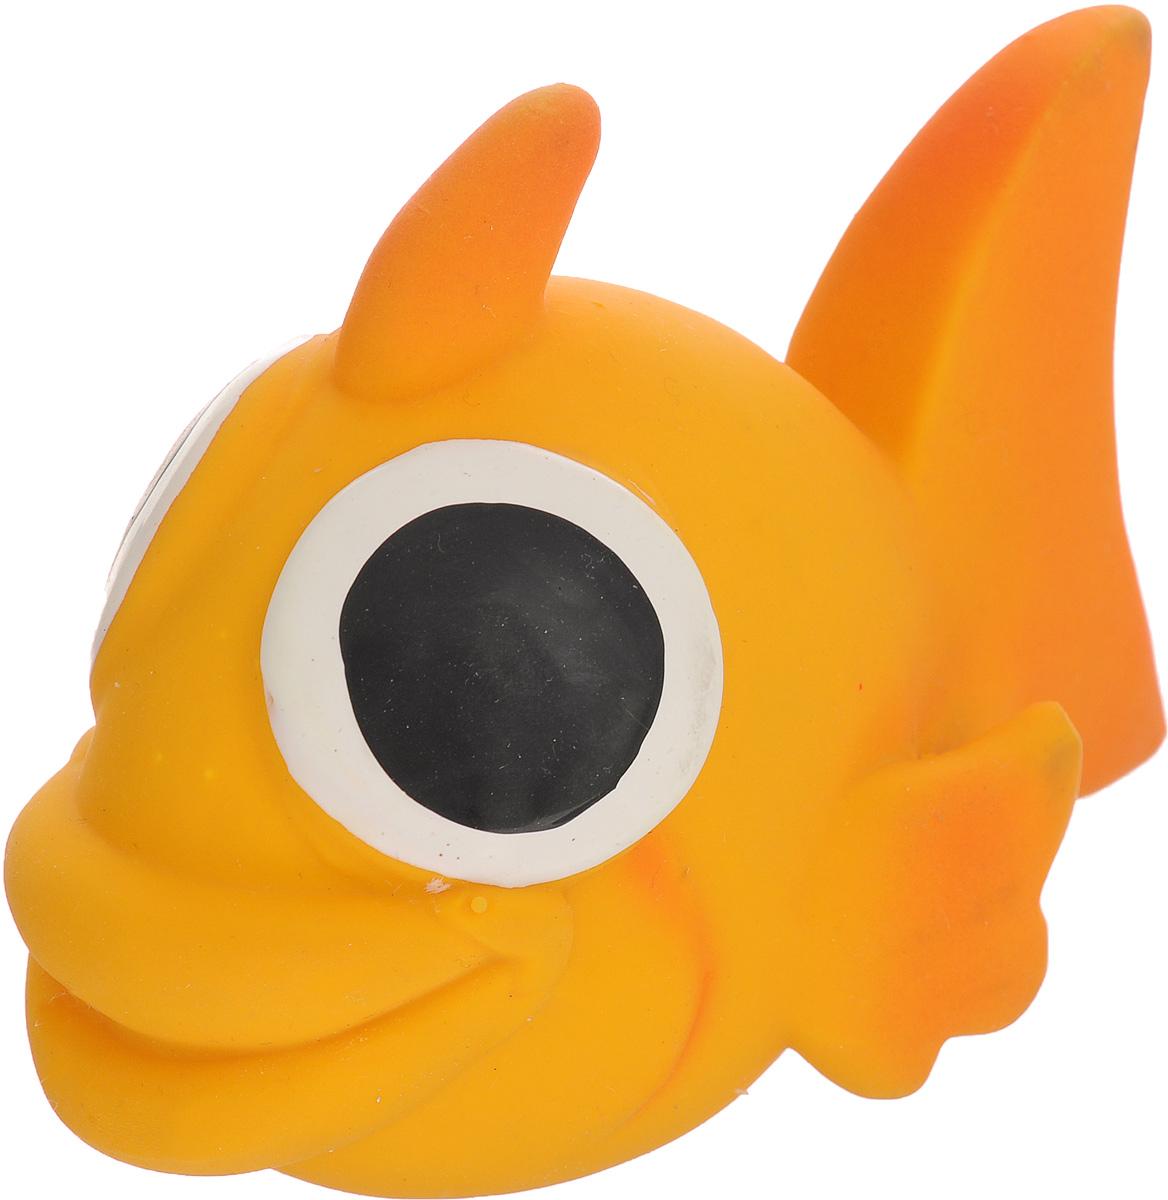 Игрушка для собак Beeztees I.P.T.S. Рыбка, цвет: оранжевый игрушка для собак beeztees i p t s рыбка цвет оранжевый